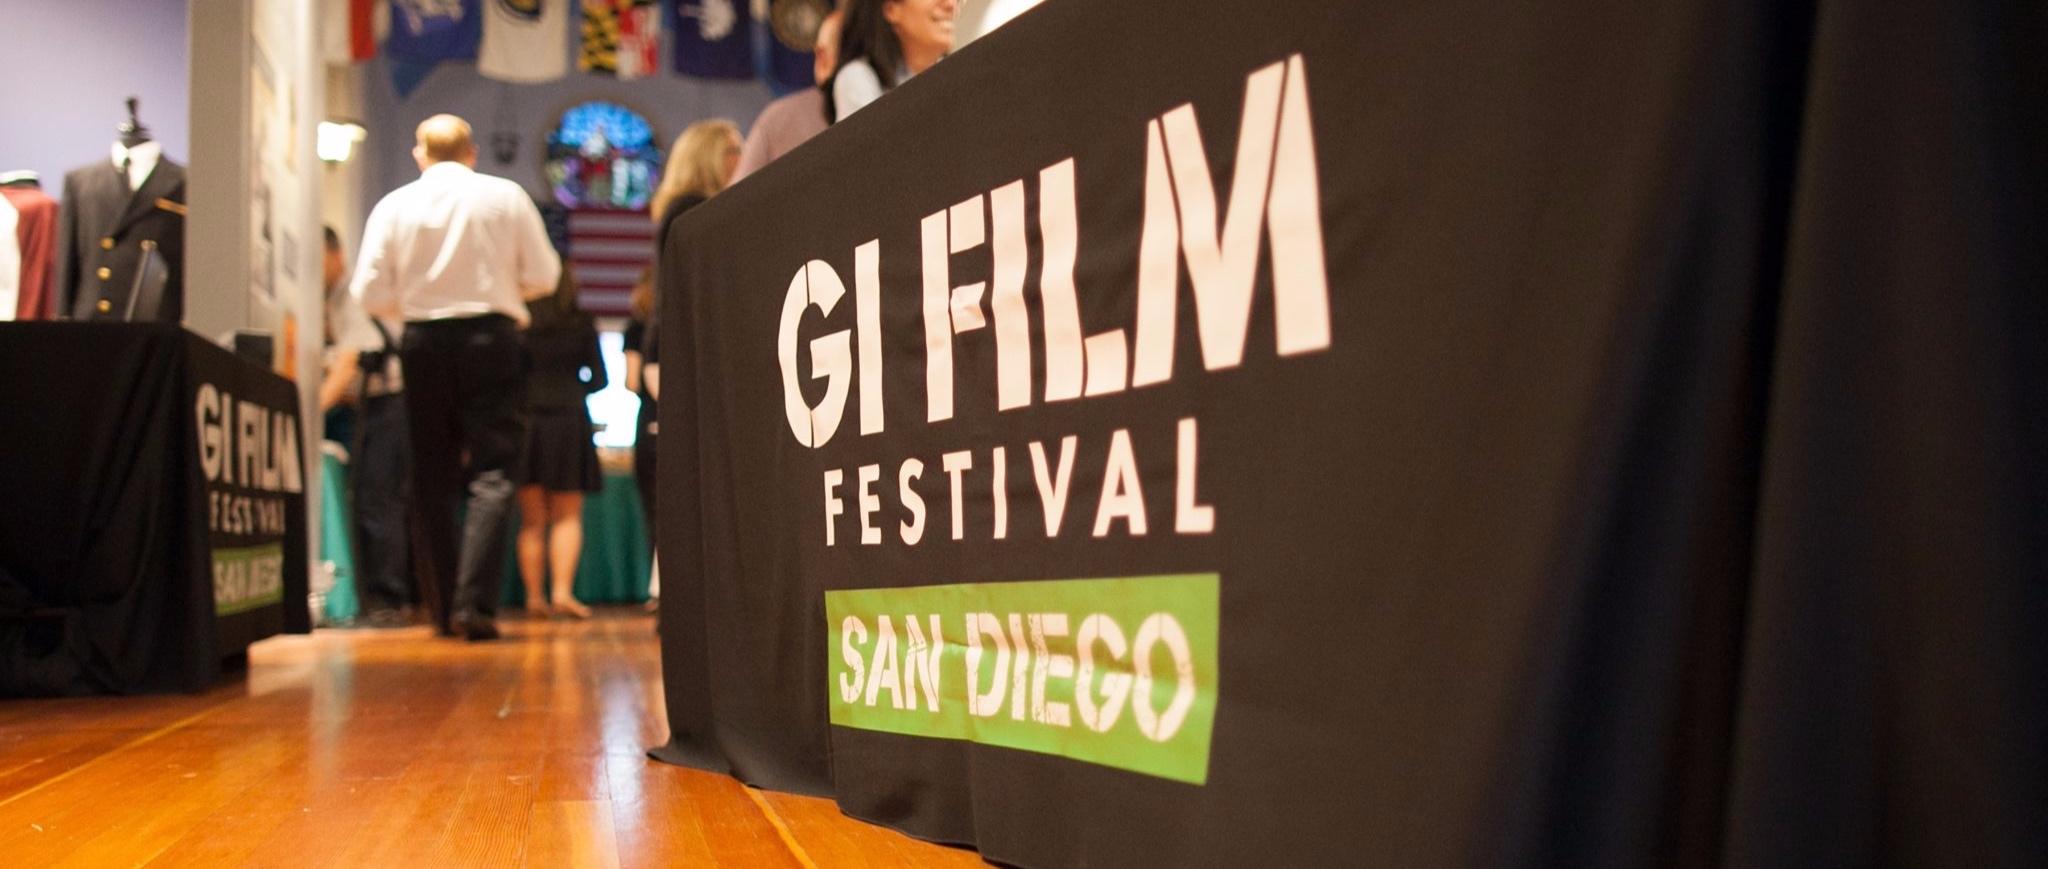 GI%2BFilm%2BFestival%2BSD.jpg